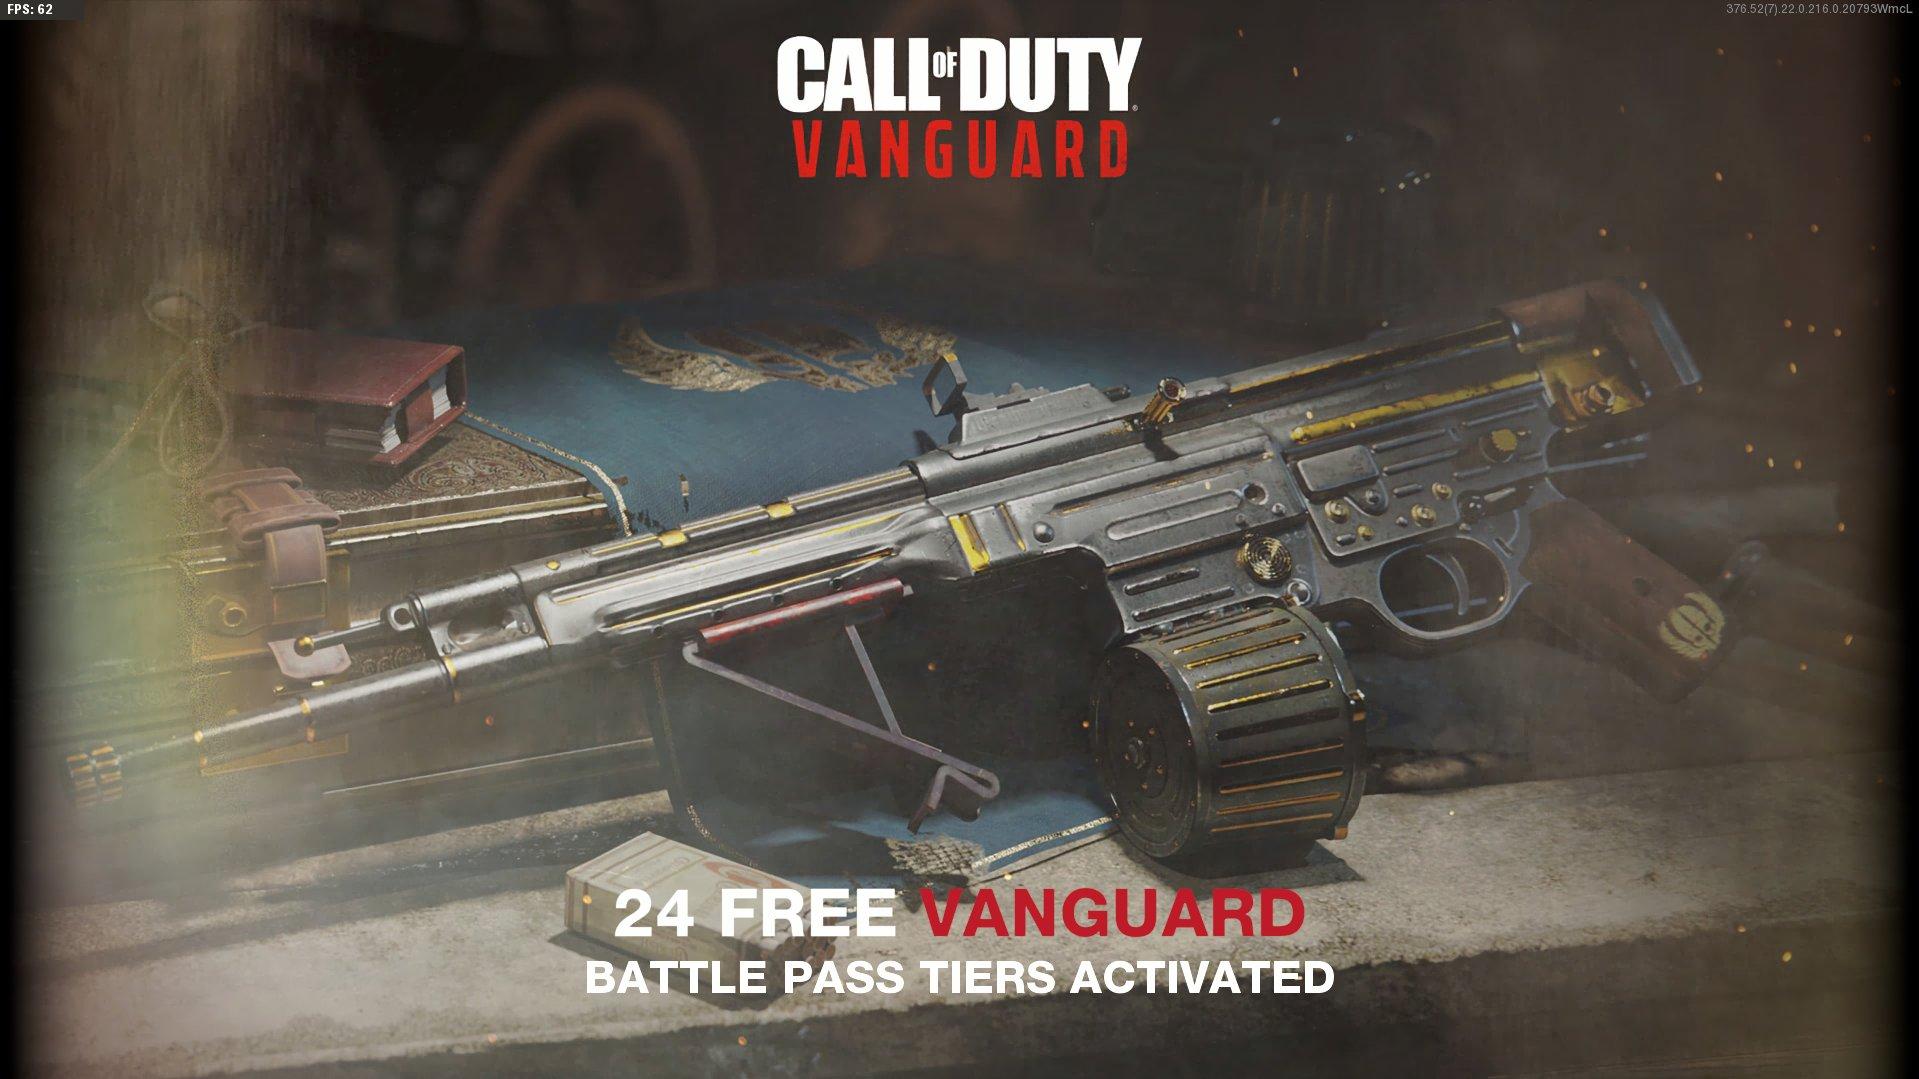 The Vanguard Battle Pass tier screen